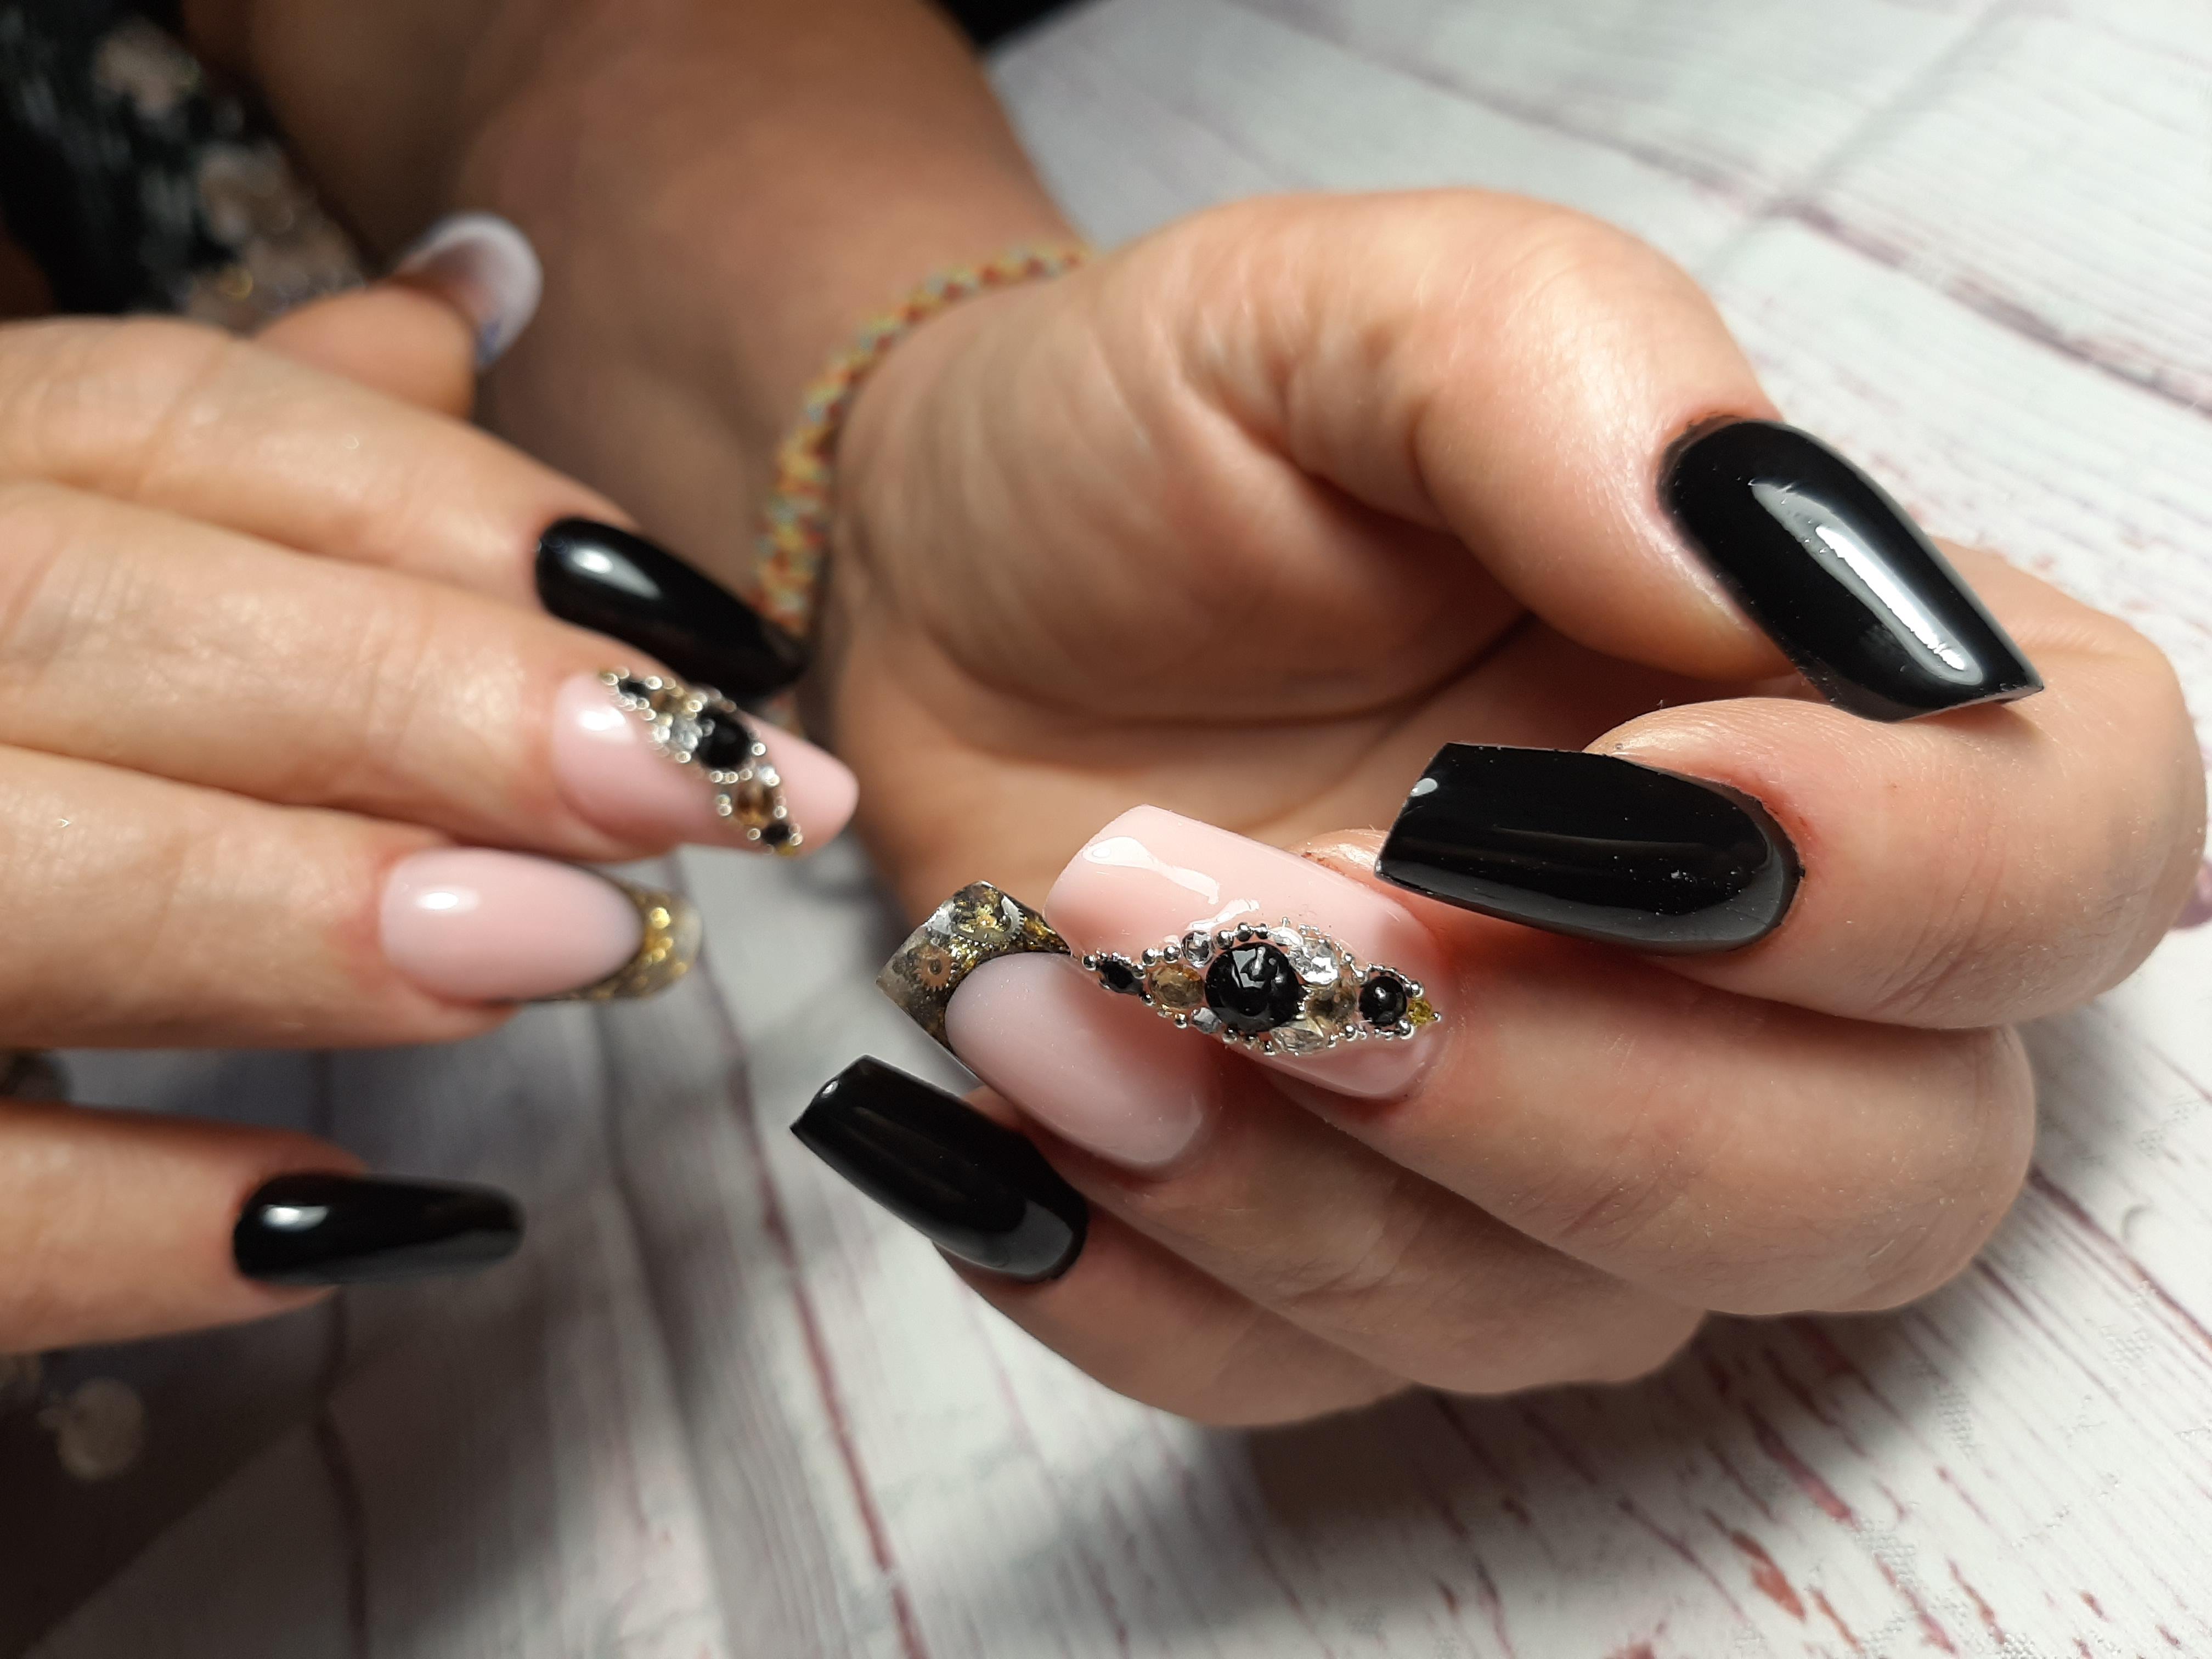 Маникюр с нюдовый дизайном и стразами в черном цвете на длинные ногти.